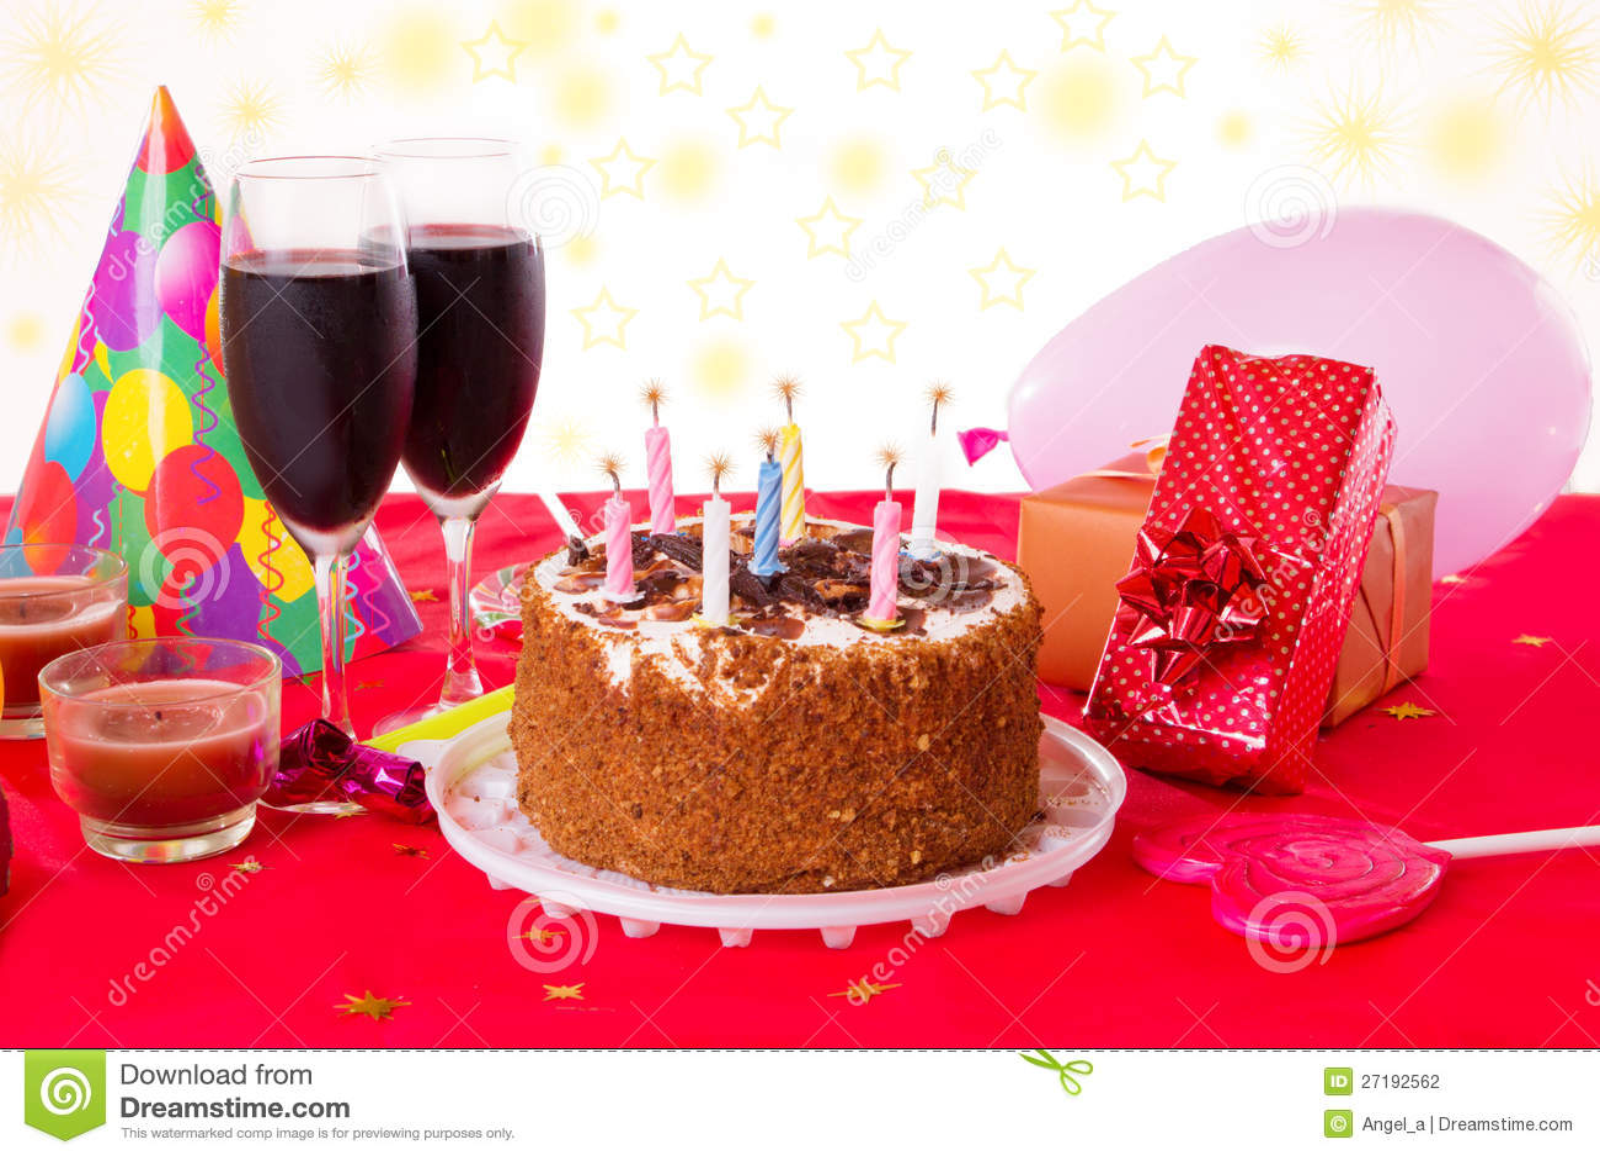 Craps table birthday cake